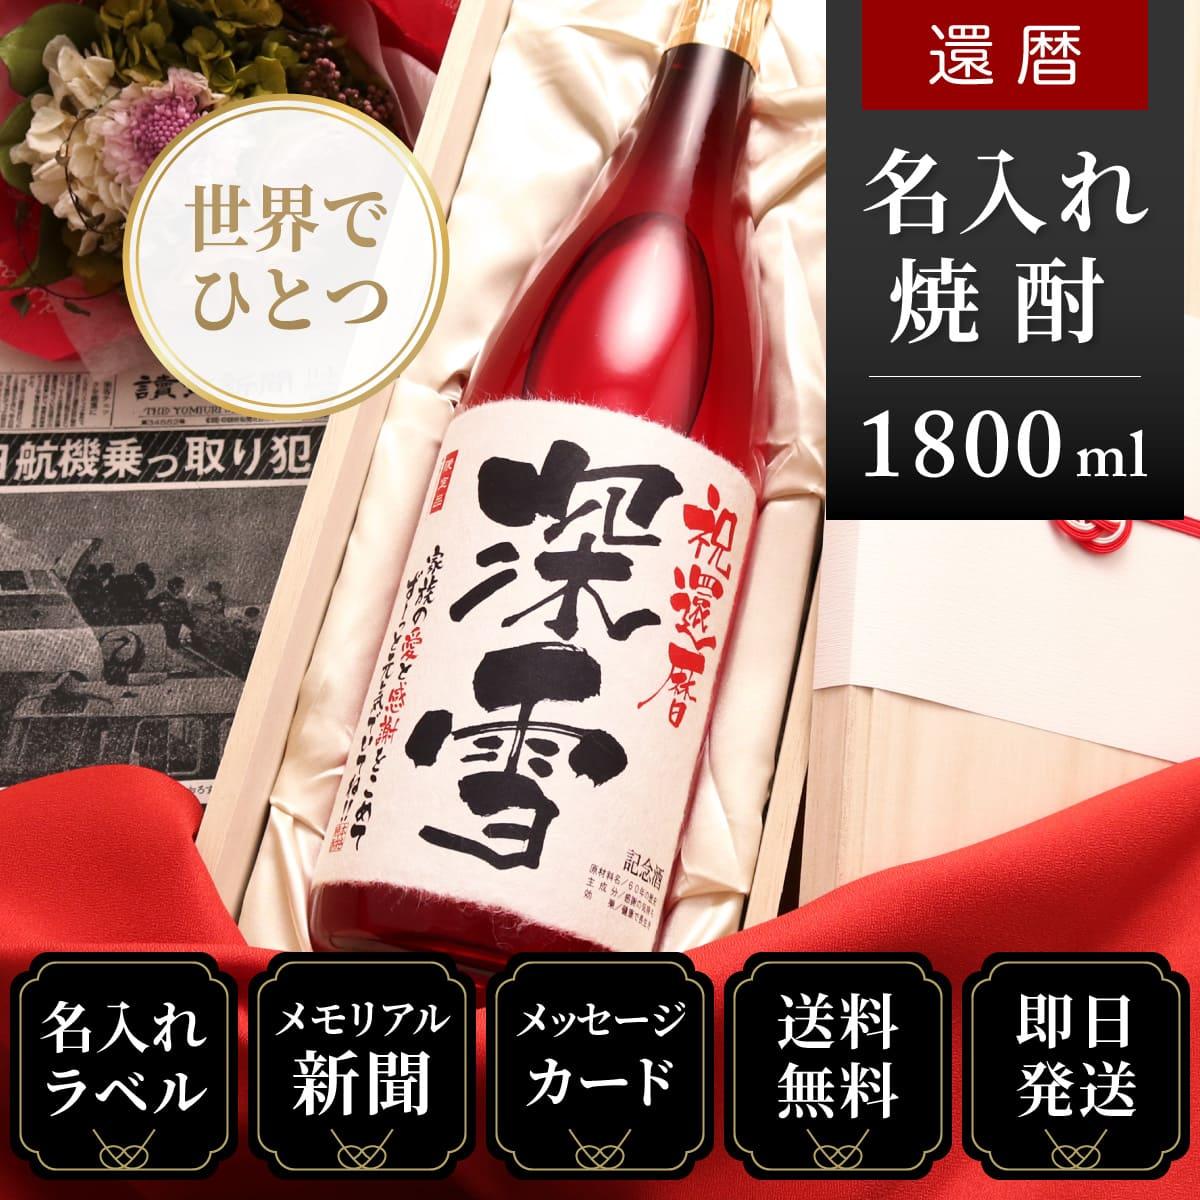 還暦のお祝い、プレゼントに記念日の新聞付き「華乃撫子」1800ml(酒粕焼酎)